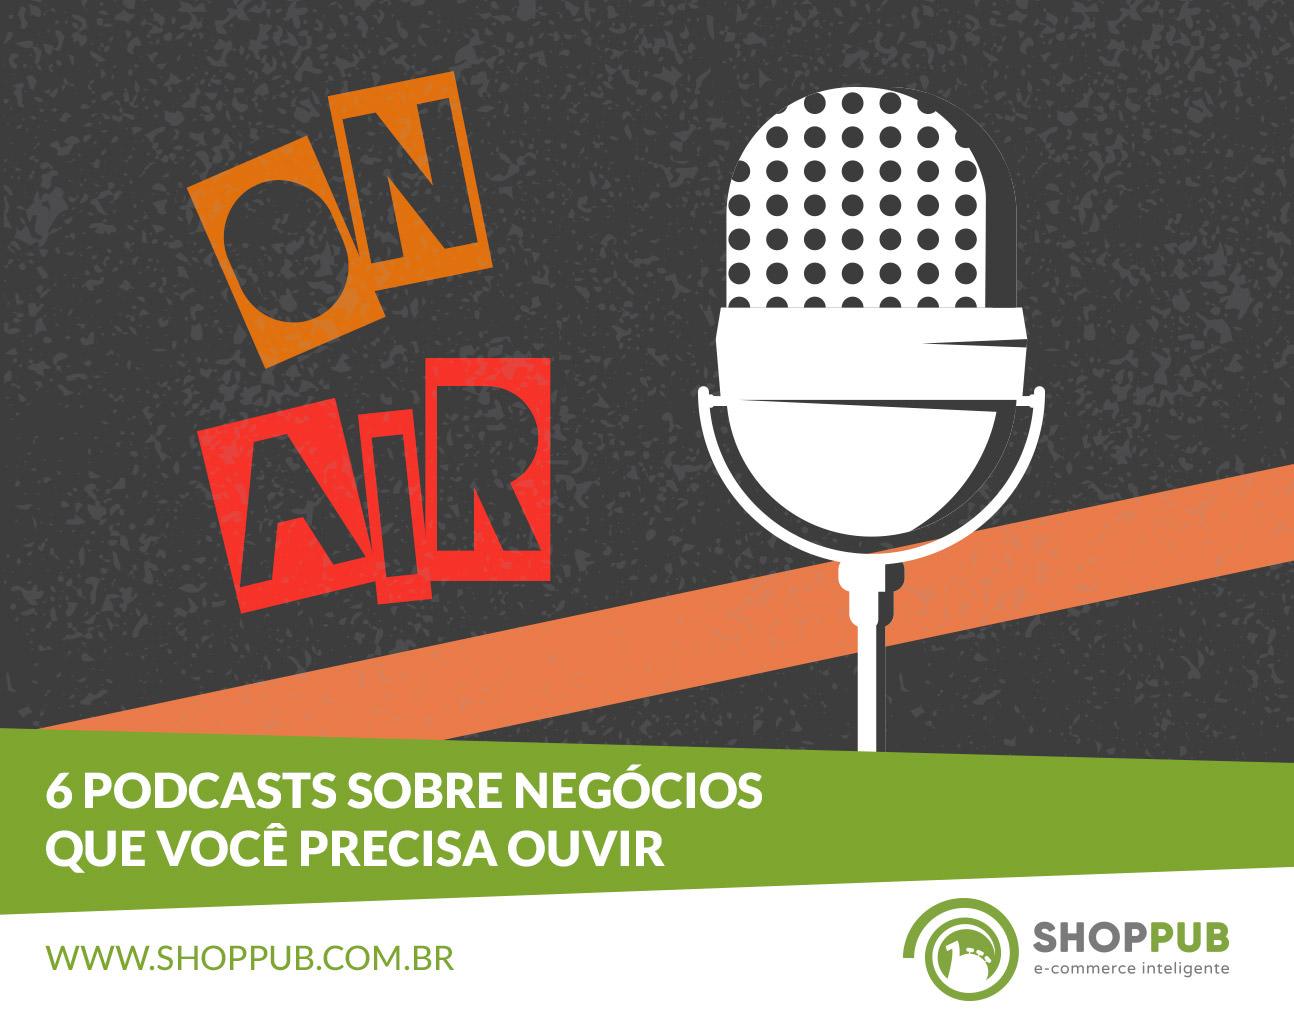 526a41526 6 podcasts sobre negócios que você precisa ouvir - Blog Shoppub